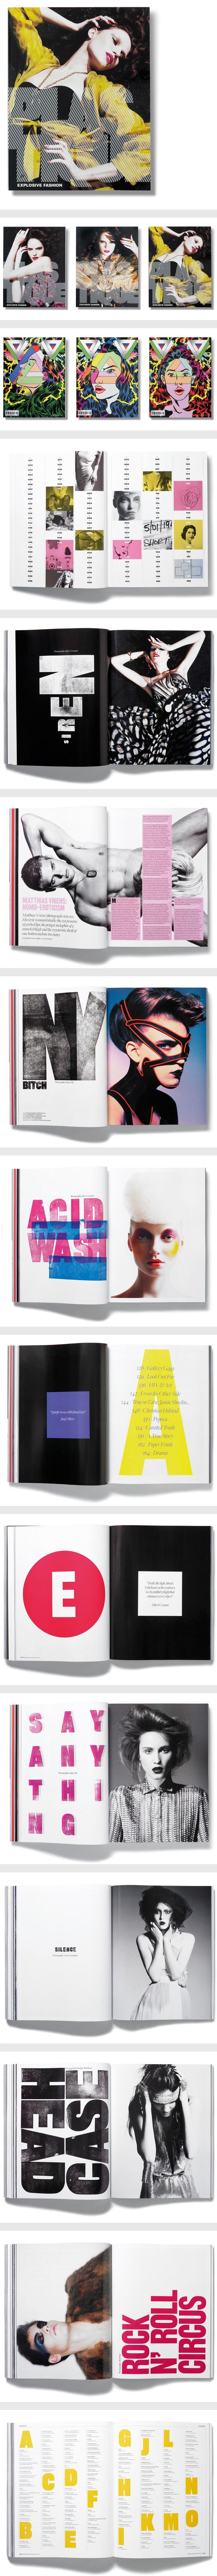 Plastique Magazine, Issue 4 by Matt Willey